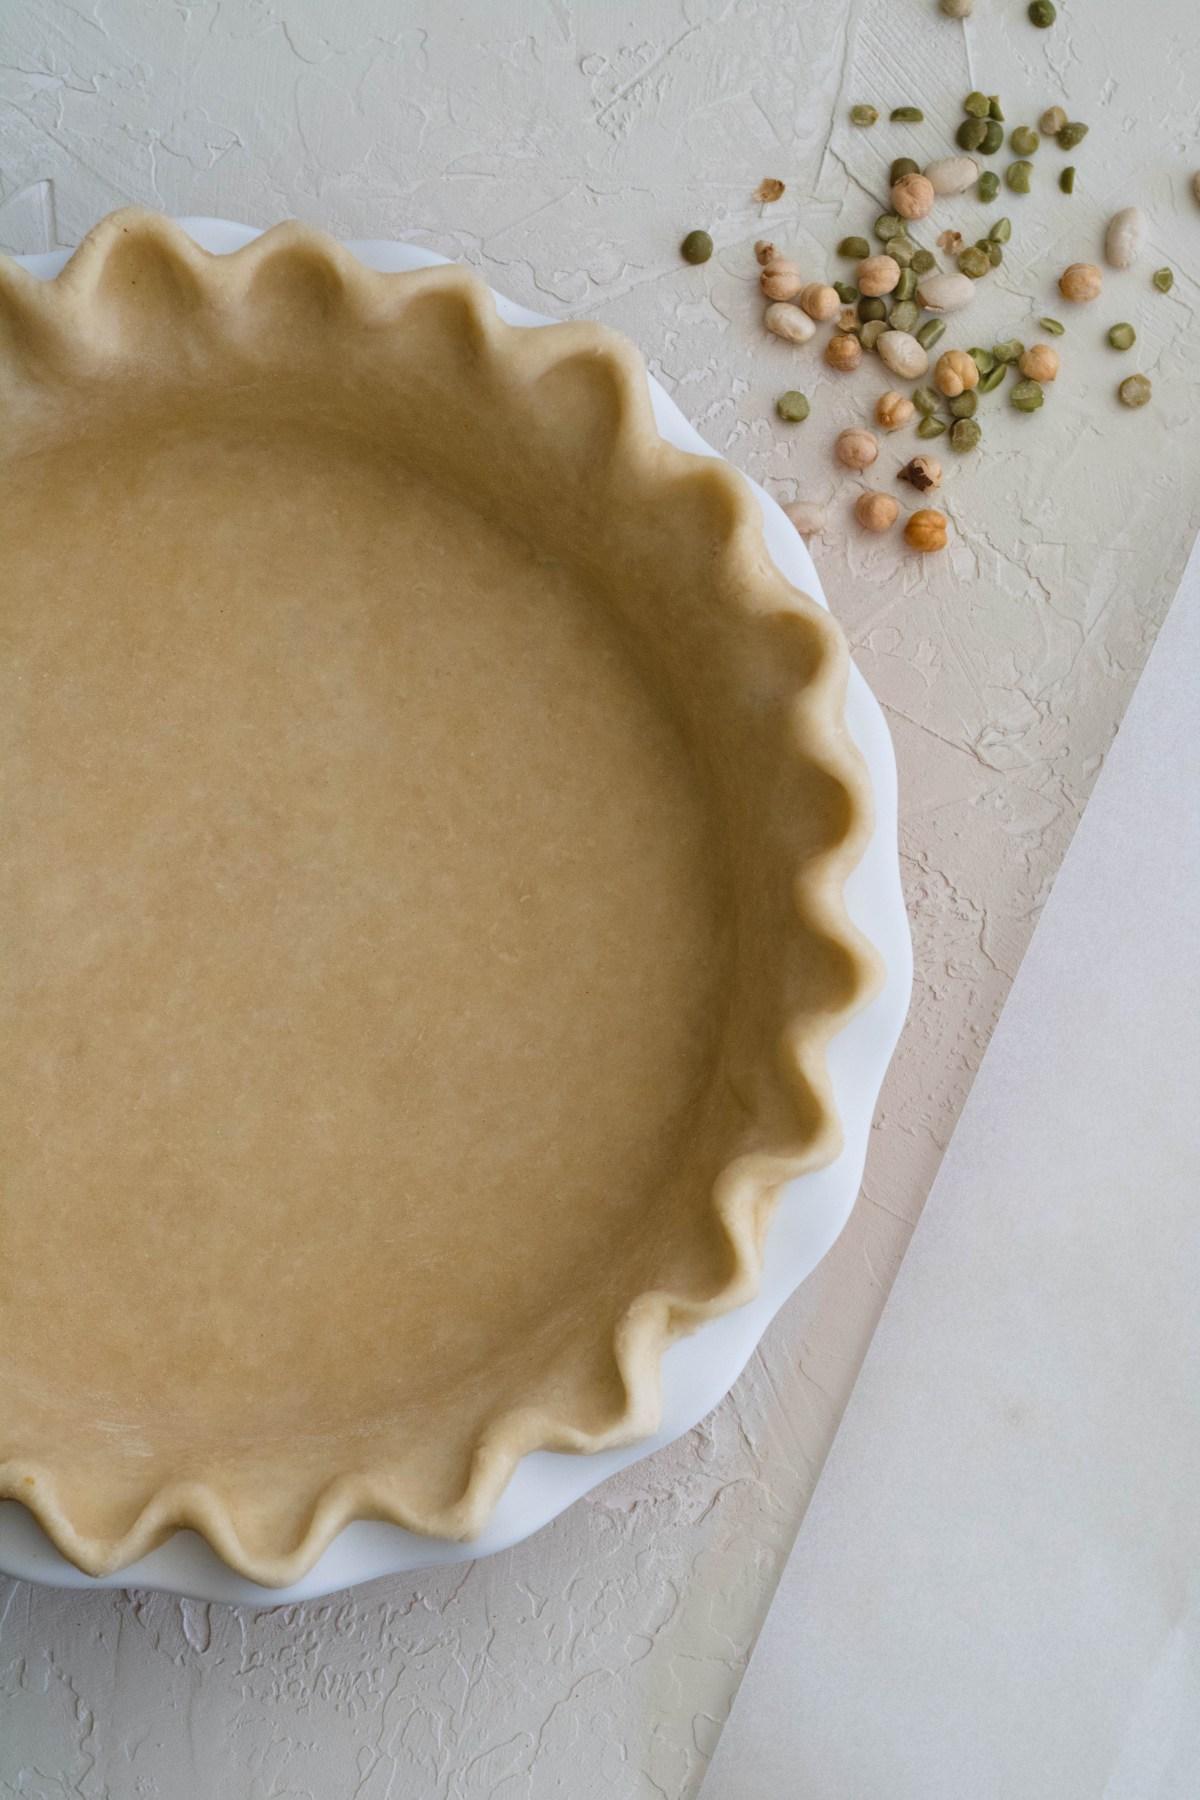 Raw pie crust before baking